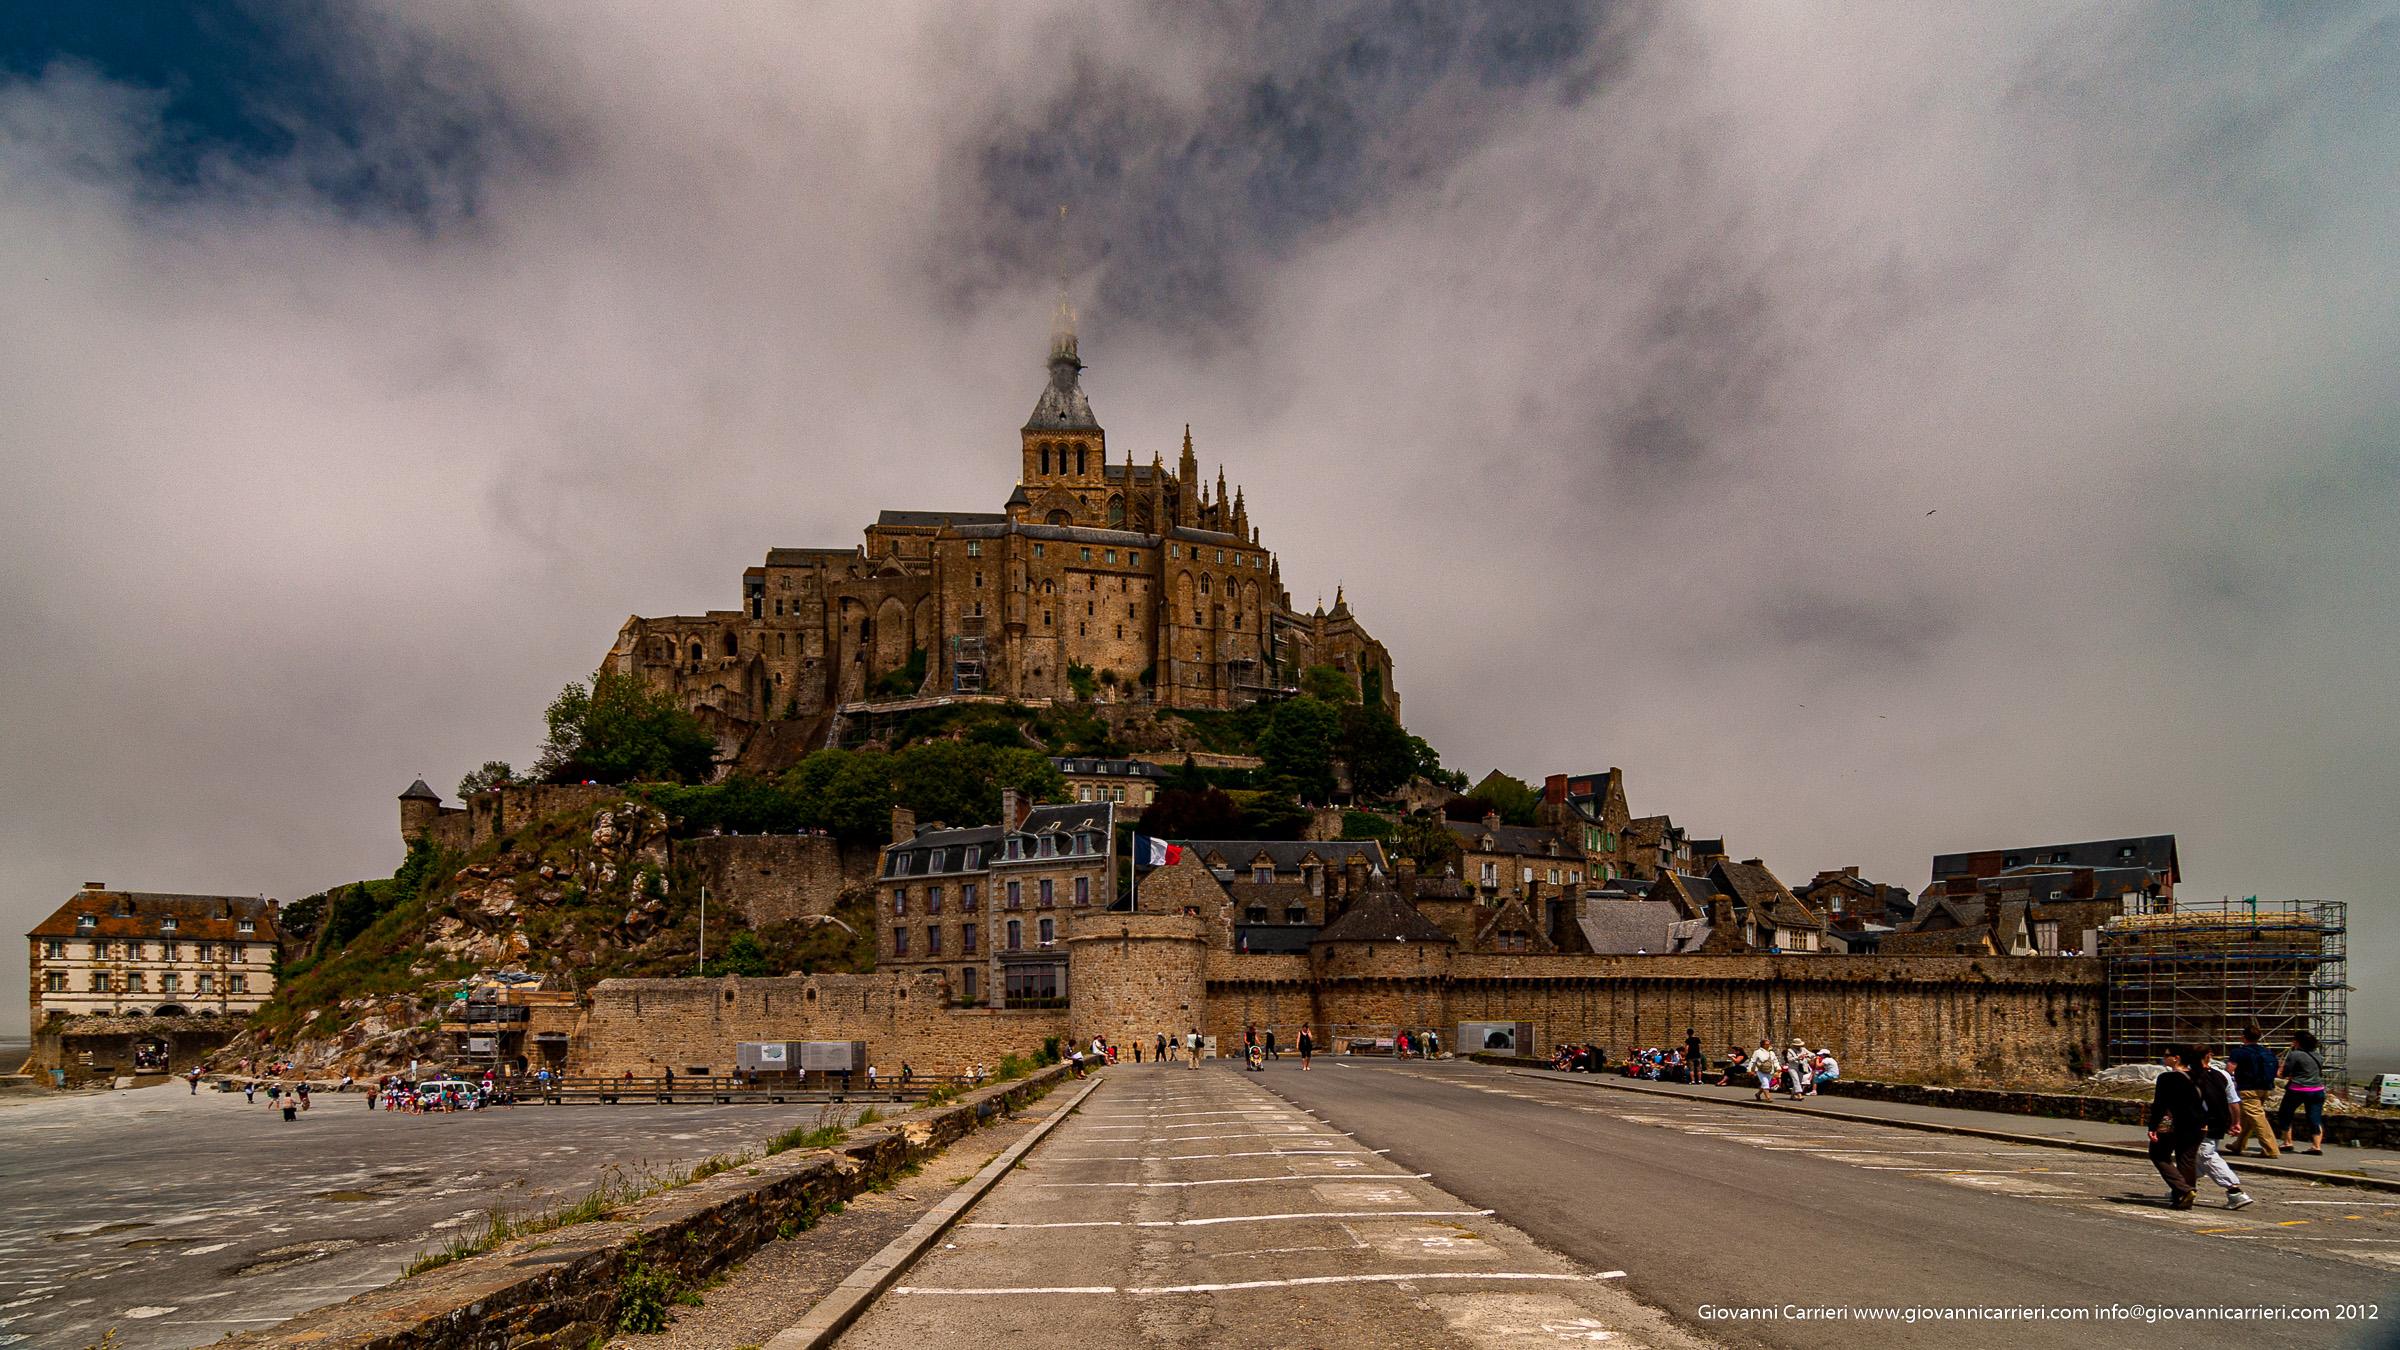 L'abbazia di Mont St. Michel